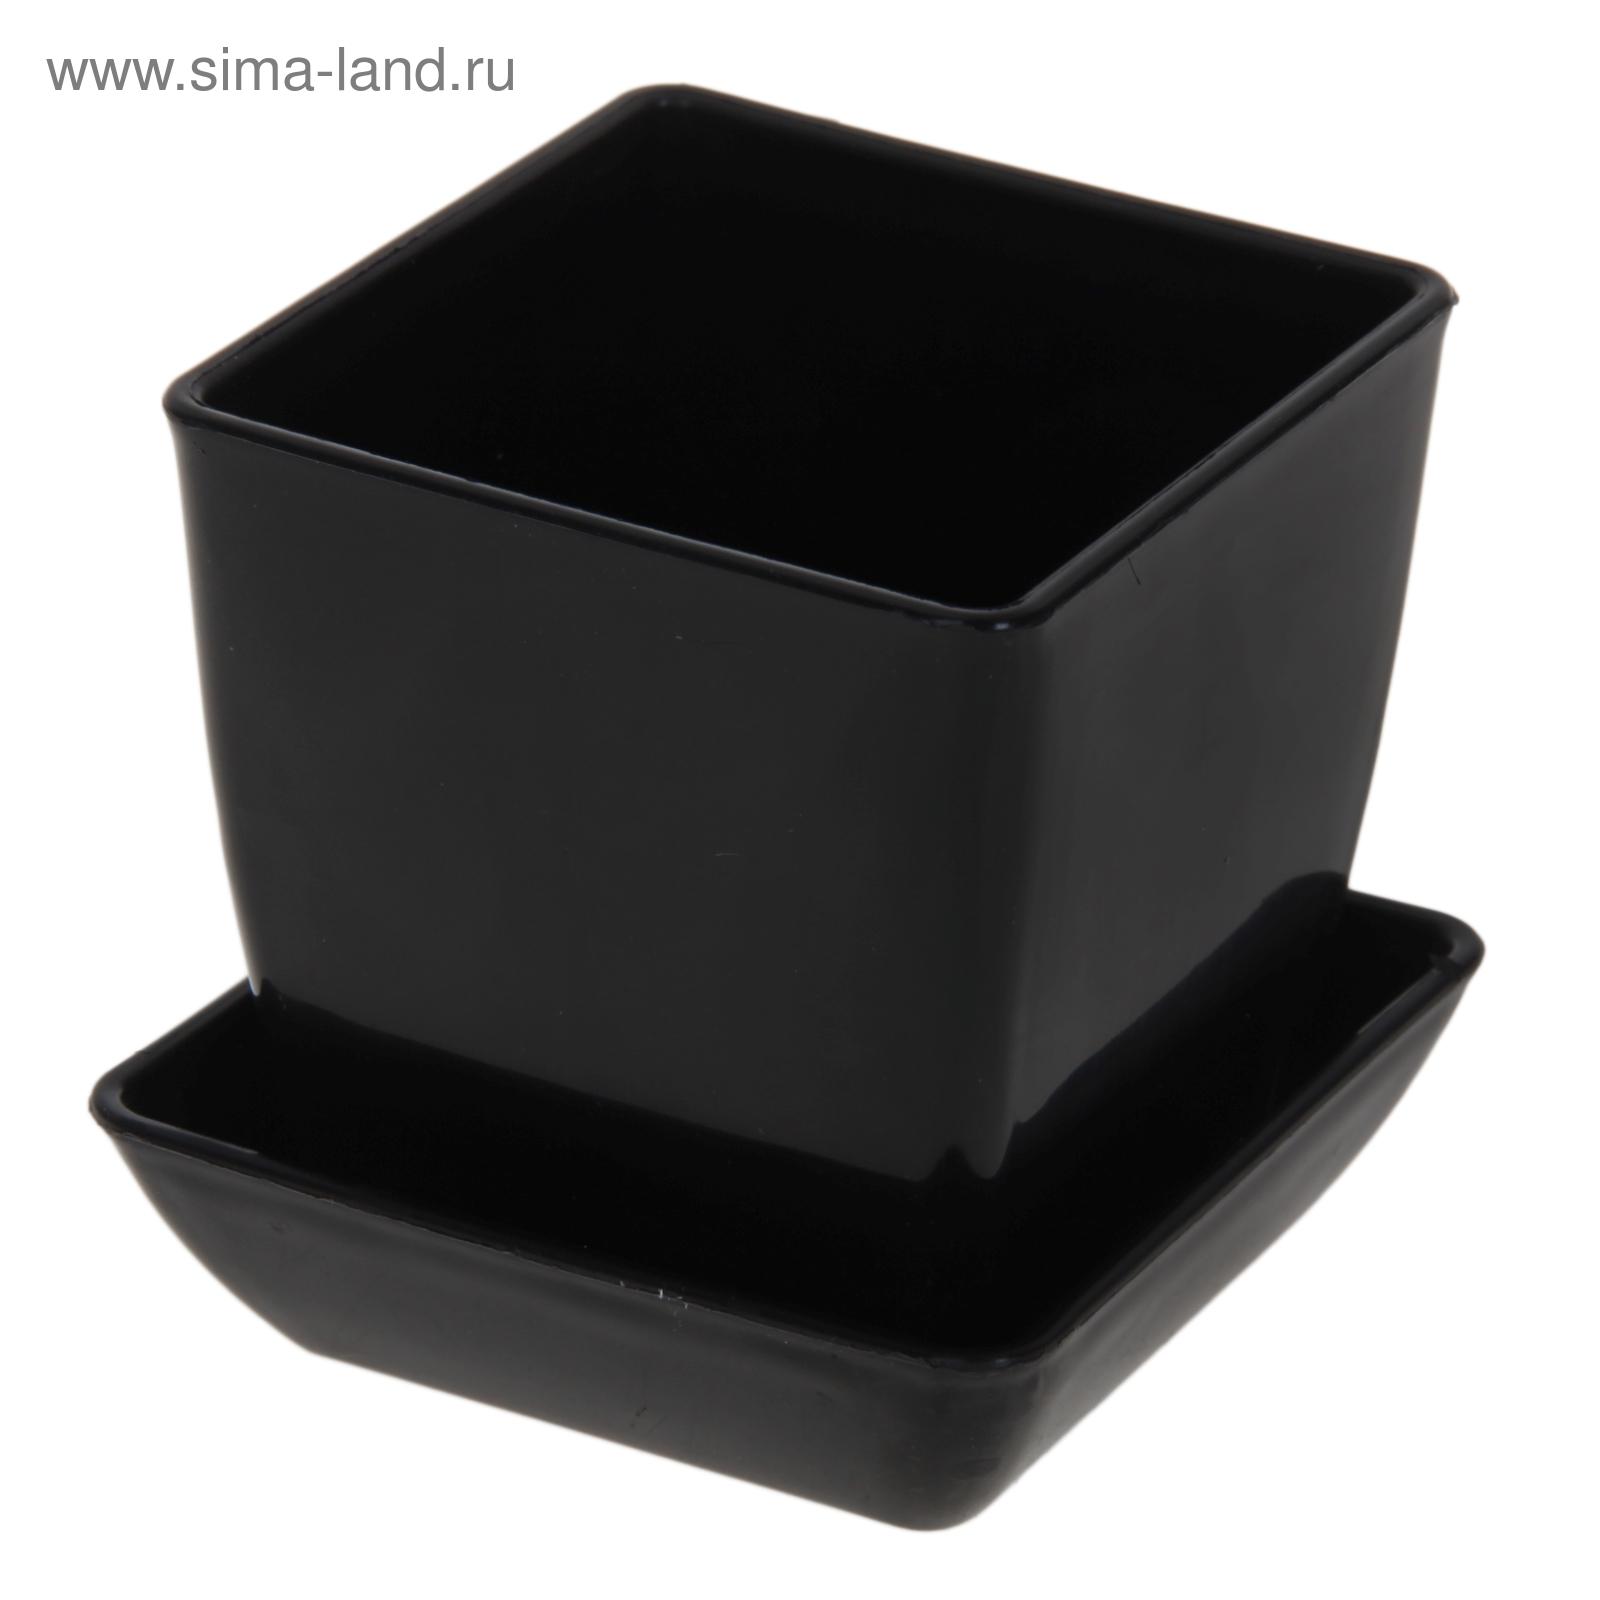 Горшки для цветов черные 53